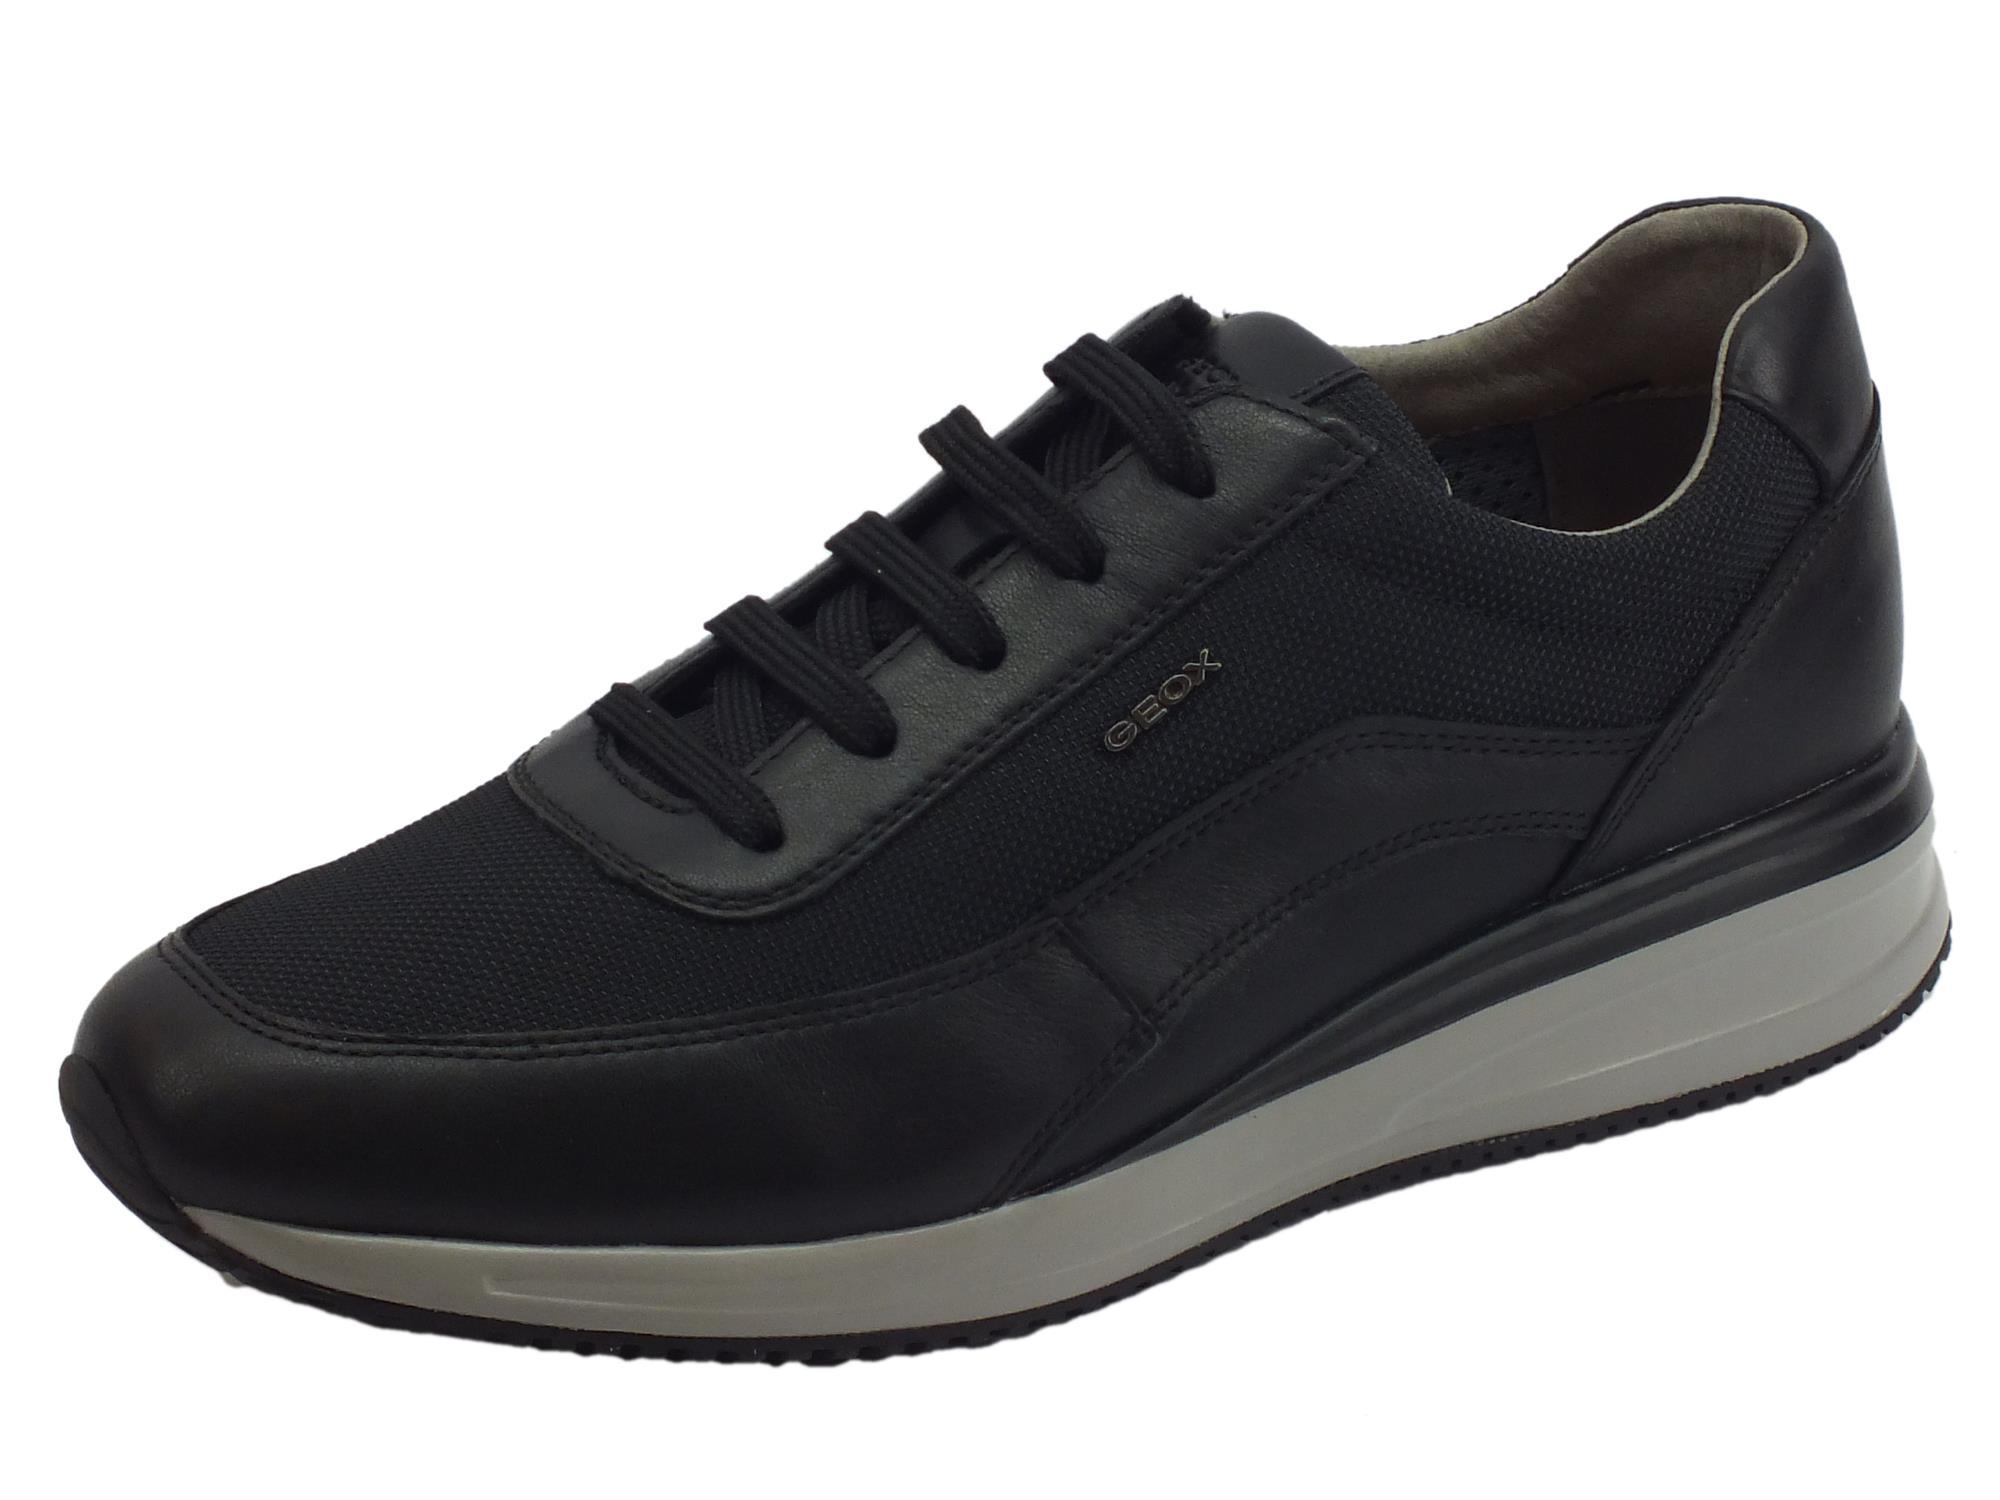 Hueso Sacrificio Maldito  Geox U Dennie sneakers uomo pelle tessuto nero sottopiede - Vitiello  Calzature